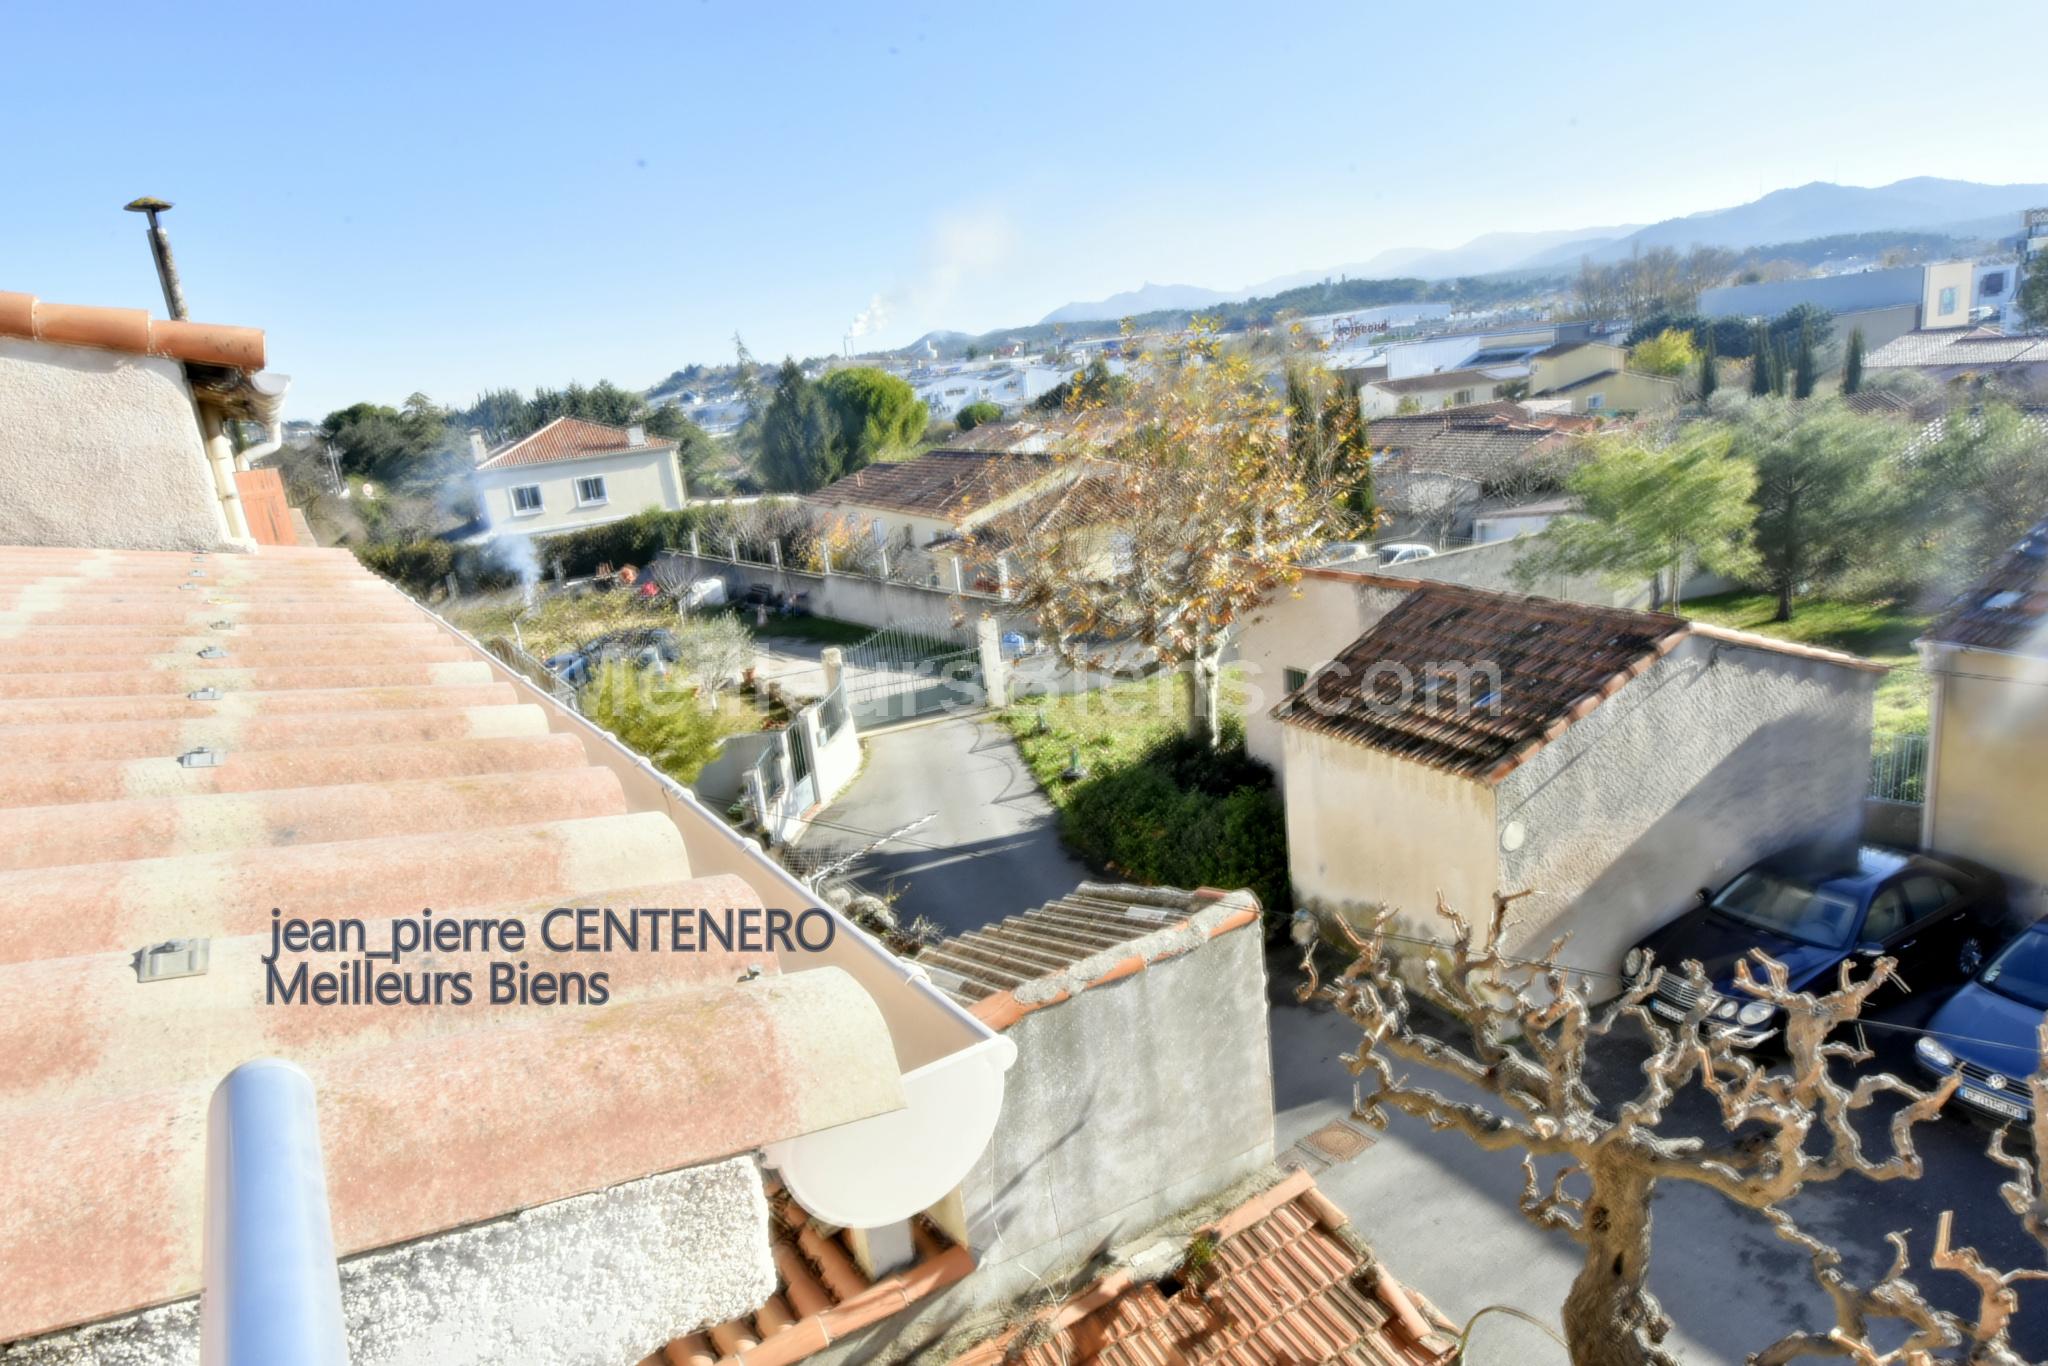 Vente 13170 Les Pennes Mirabeau Maison De Village T2 De 46m En Triplex Avec Terrasse Proche Zone Plan Meilleurs Biens